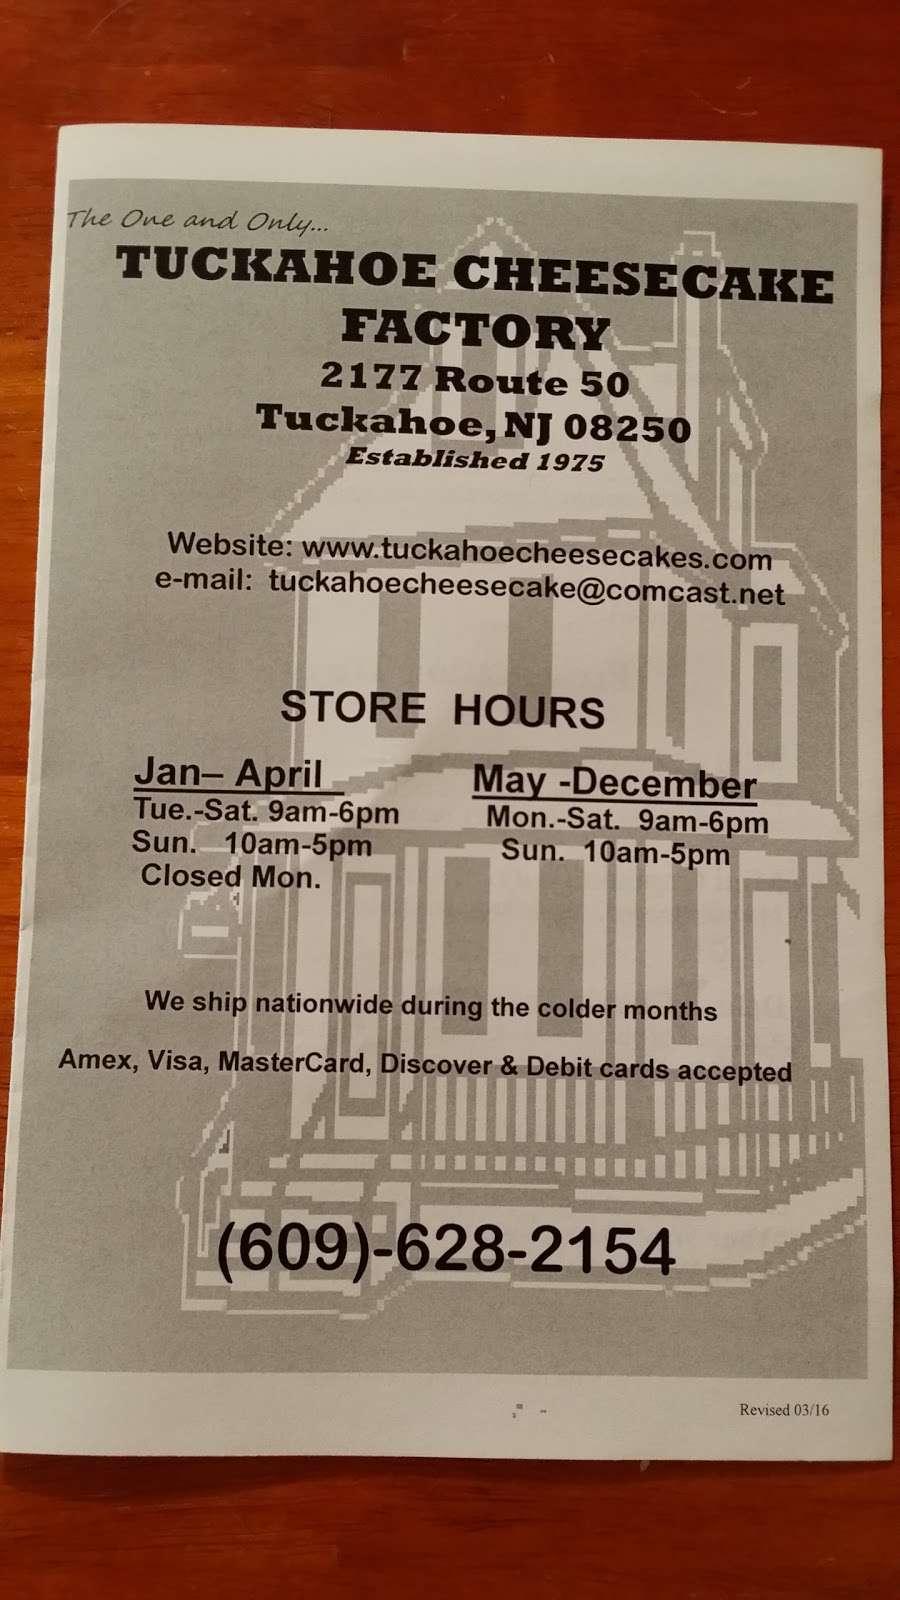 Tuckahoe Cheesecake - bakery  | Photo 9 of 10 | Address: 2177 NJ-50, Tuckahoe, NJ 08250, USA | Phone: (609) 628-2154